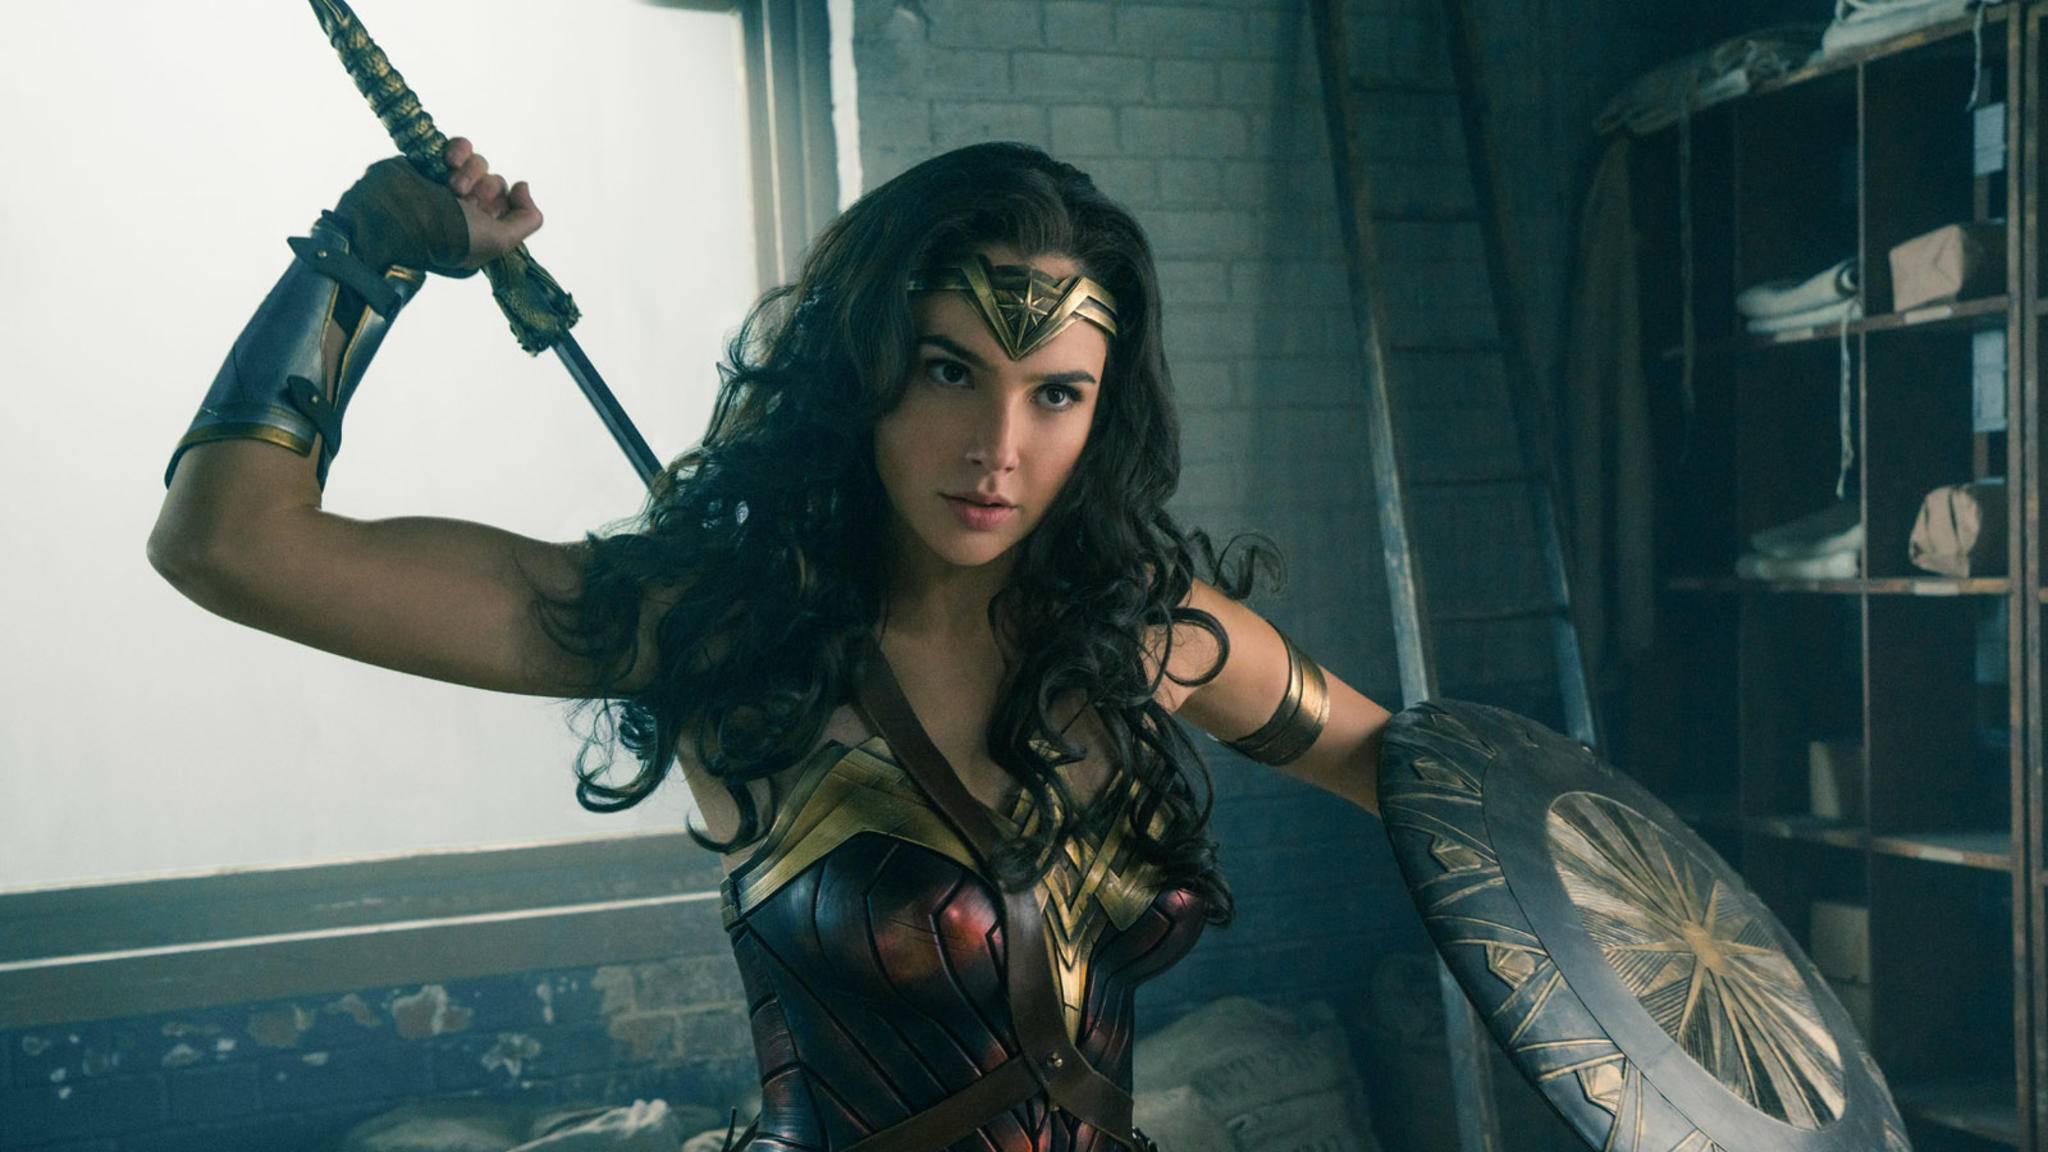 Wonder Woman muss sich wappnen: Eine neue Schurkin bahnt sich ihren Weg zu ihr.